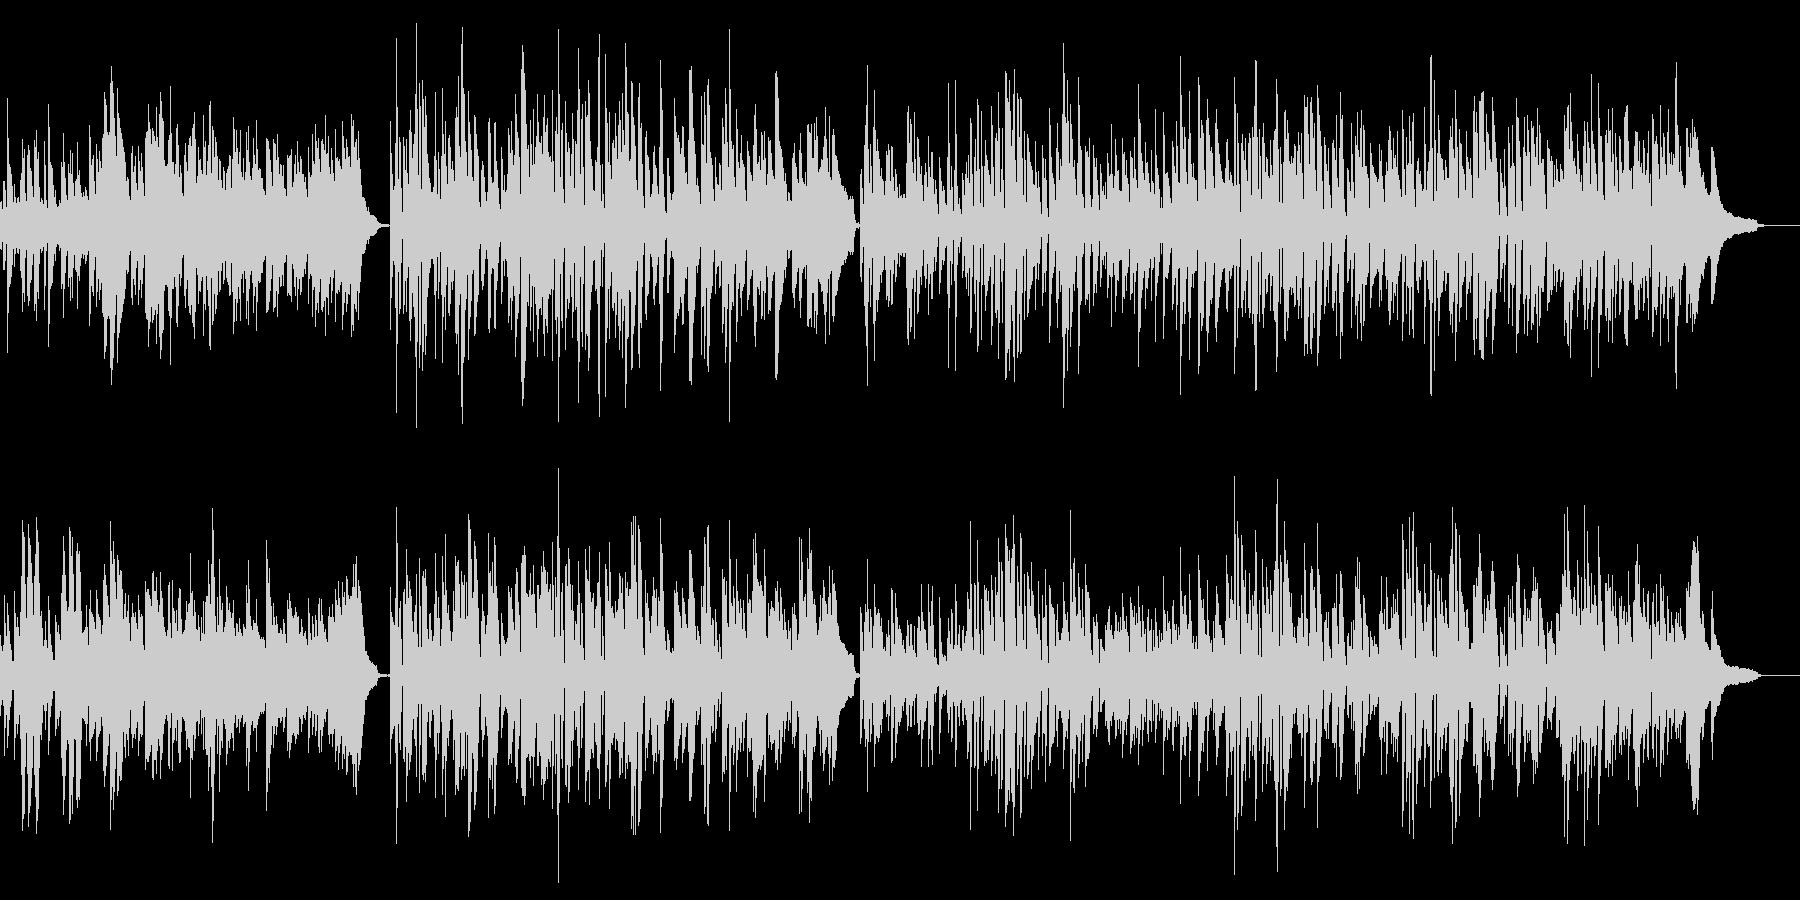 クラシックピアノ名曲 軽快で明るいソナタの未再生の波形